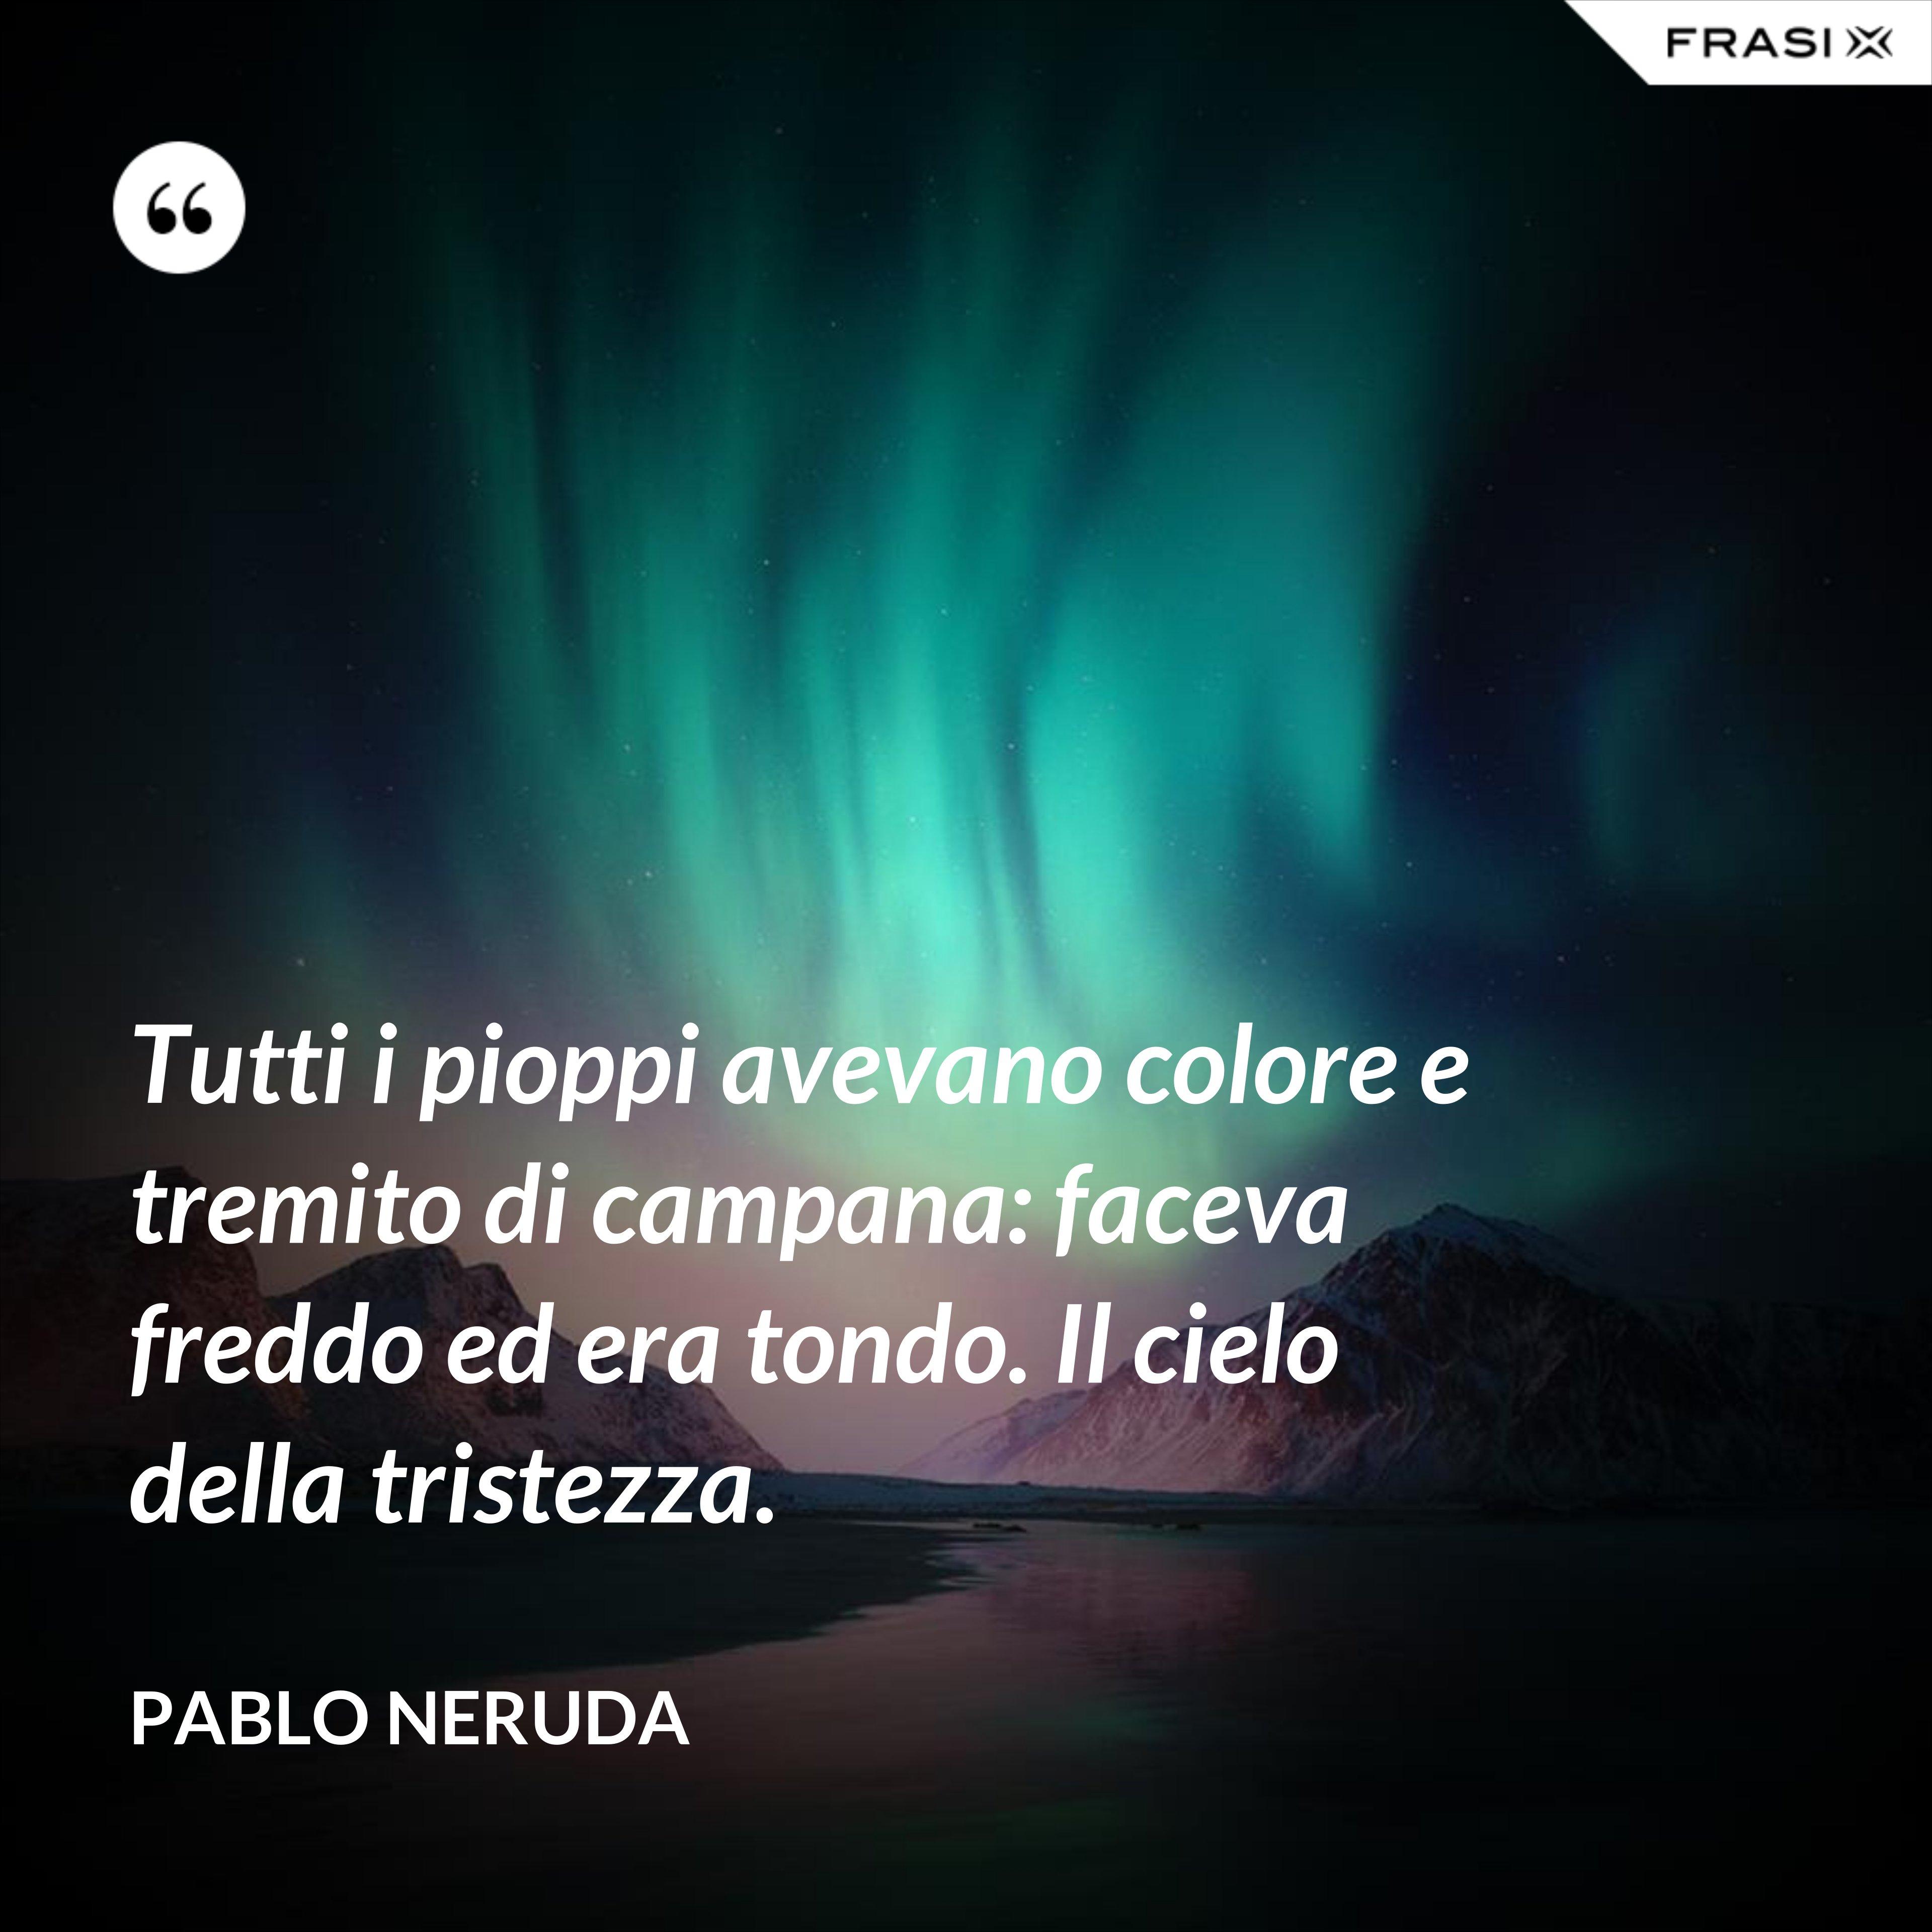 Tutti i pioppi avevano colore e tremito di campana: faceva freddo ed era tondo. Il cielo della tristezza. - Pablo Neruda